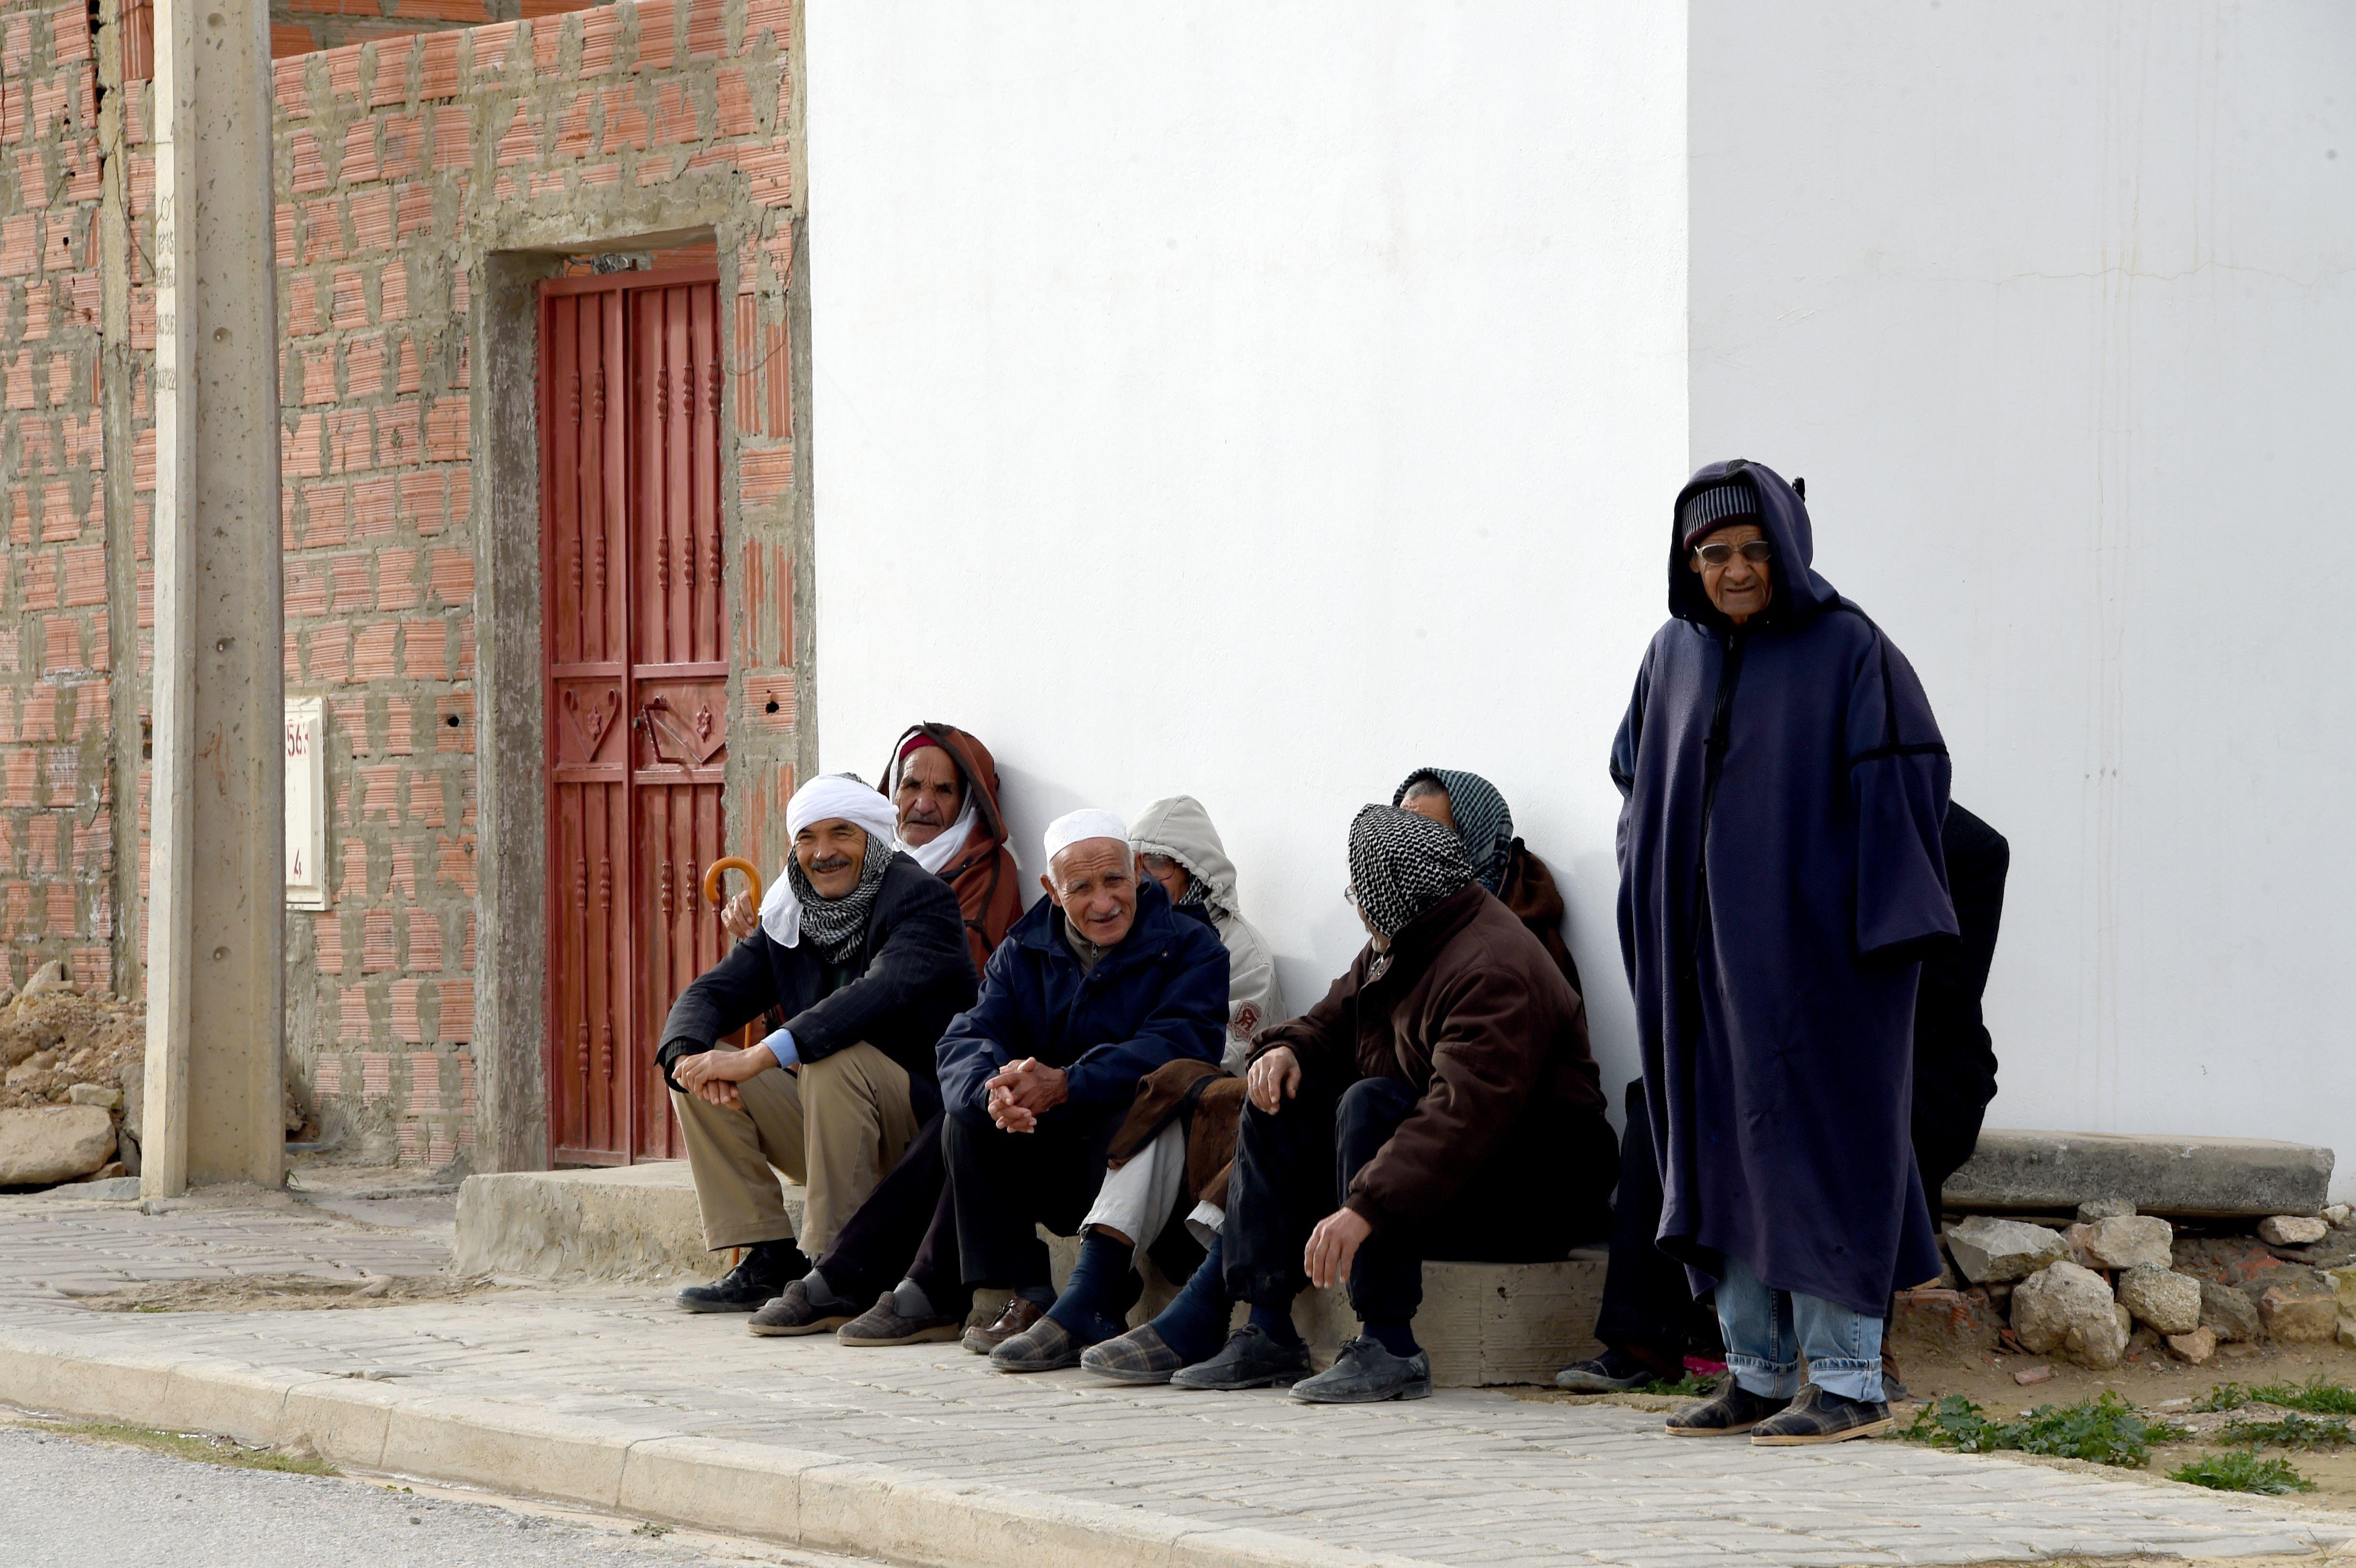 Les Tunisiens seraient parmi les moins heureux au monde selon le World Happiness